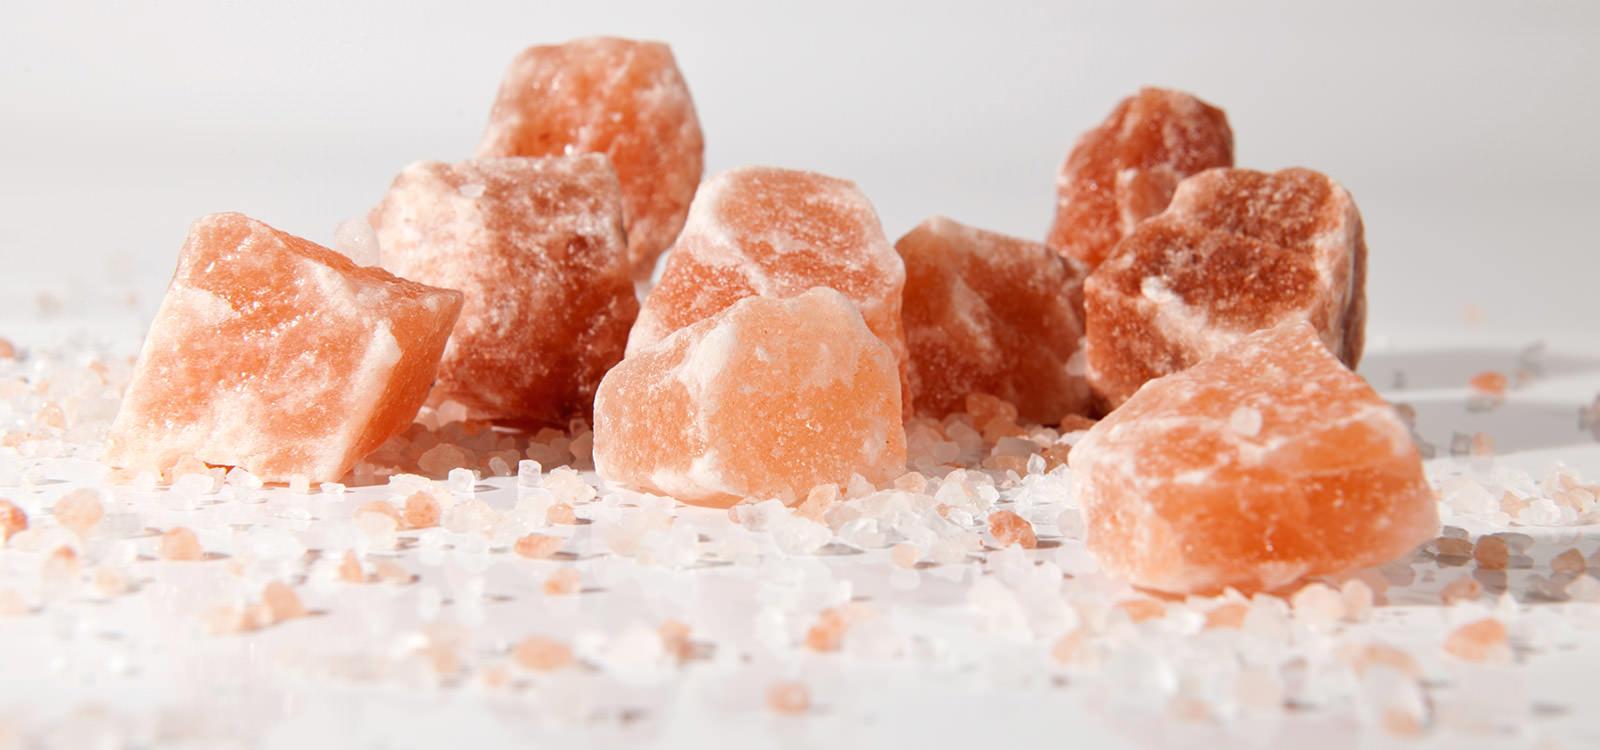 Mountain salt from the Himalayas